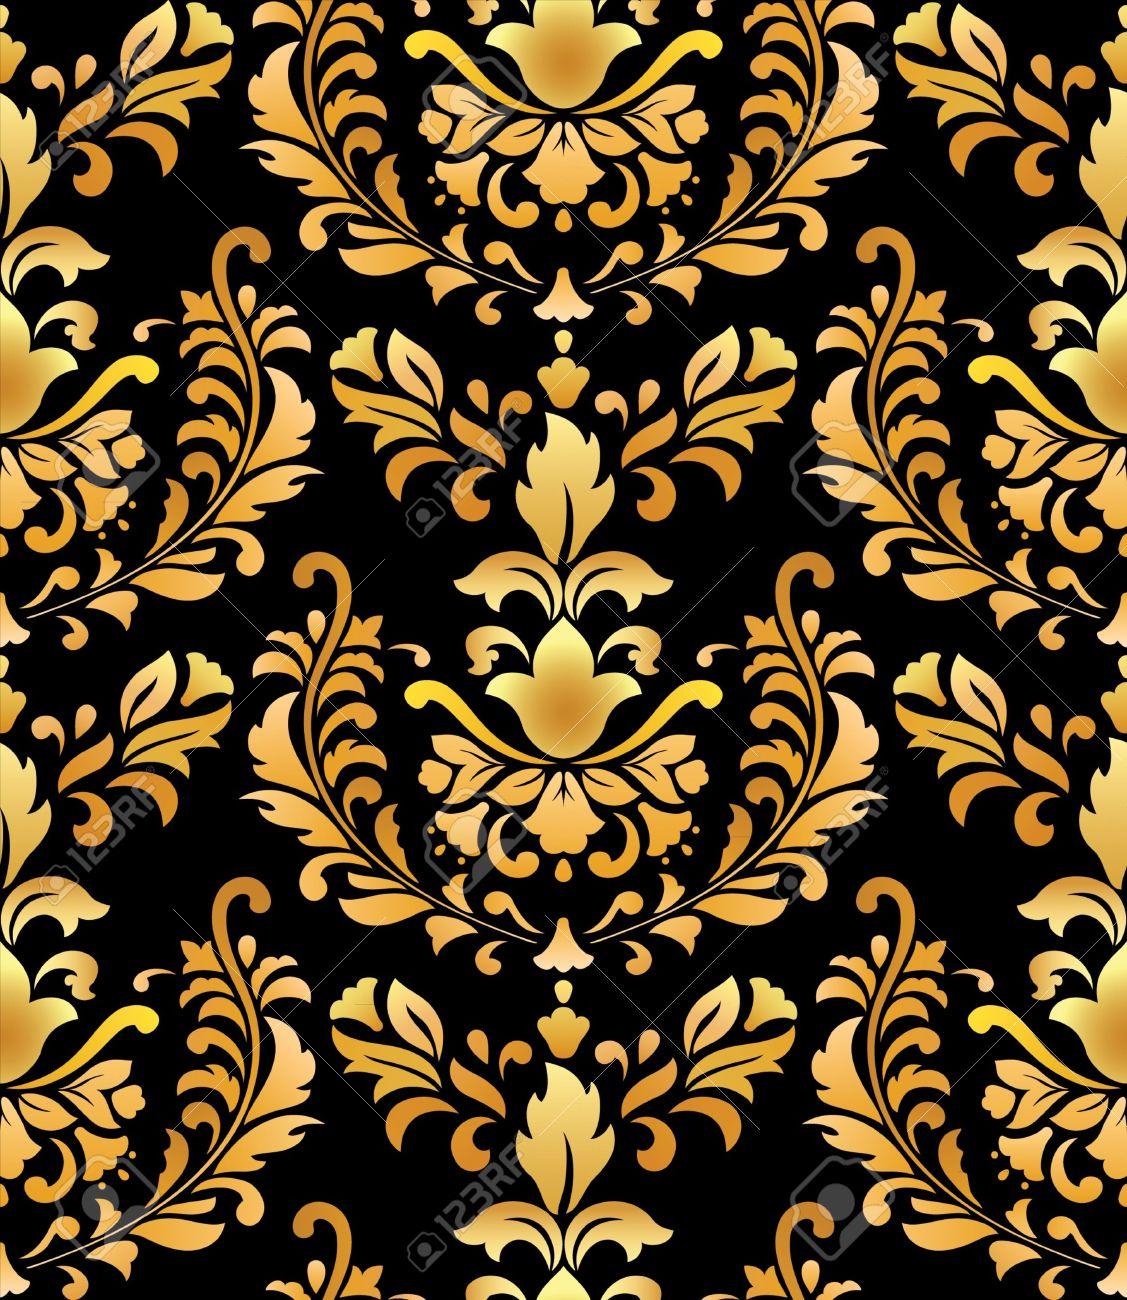 Black and gold wallpaper wallpapersafari for Black gold wallpaper designs